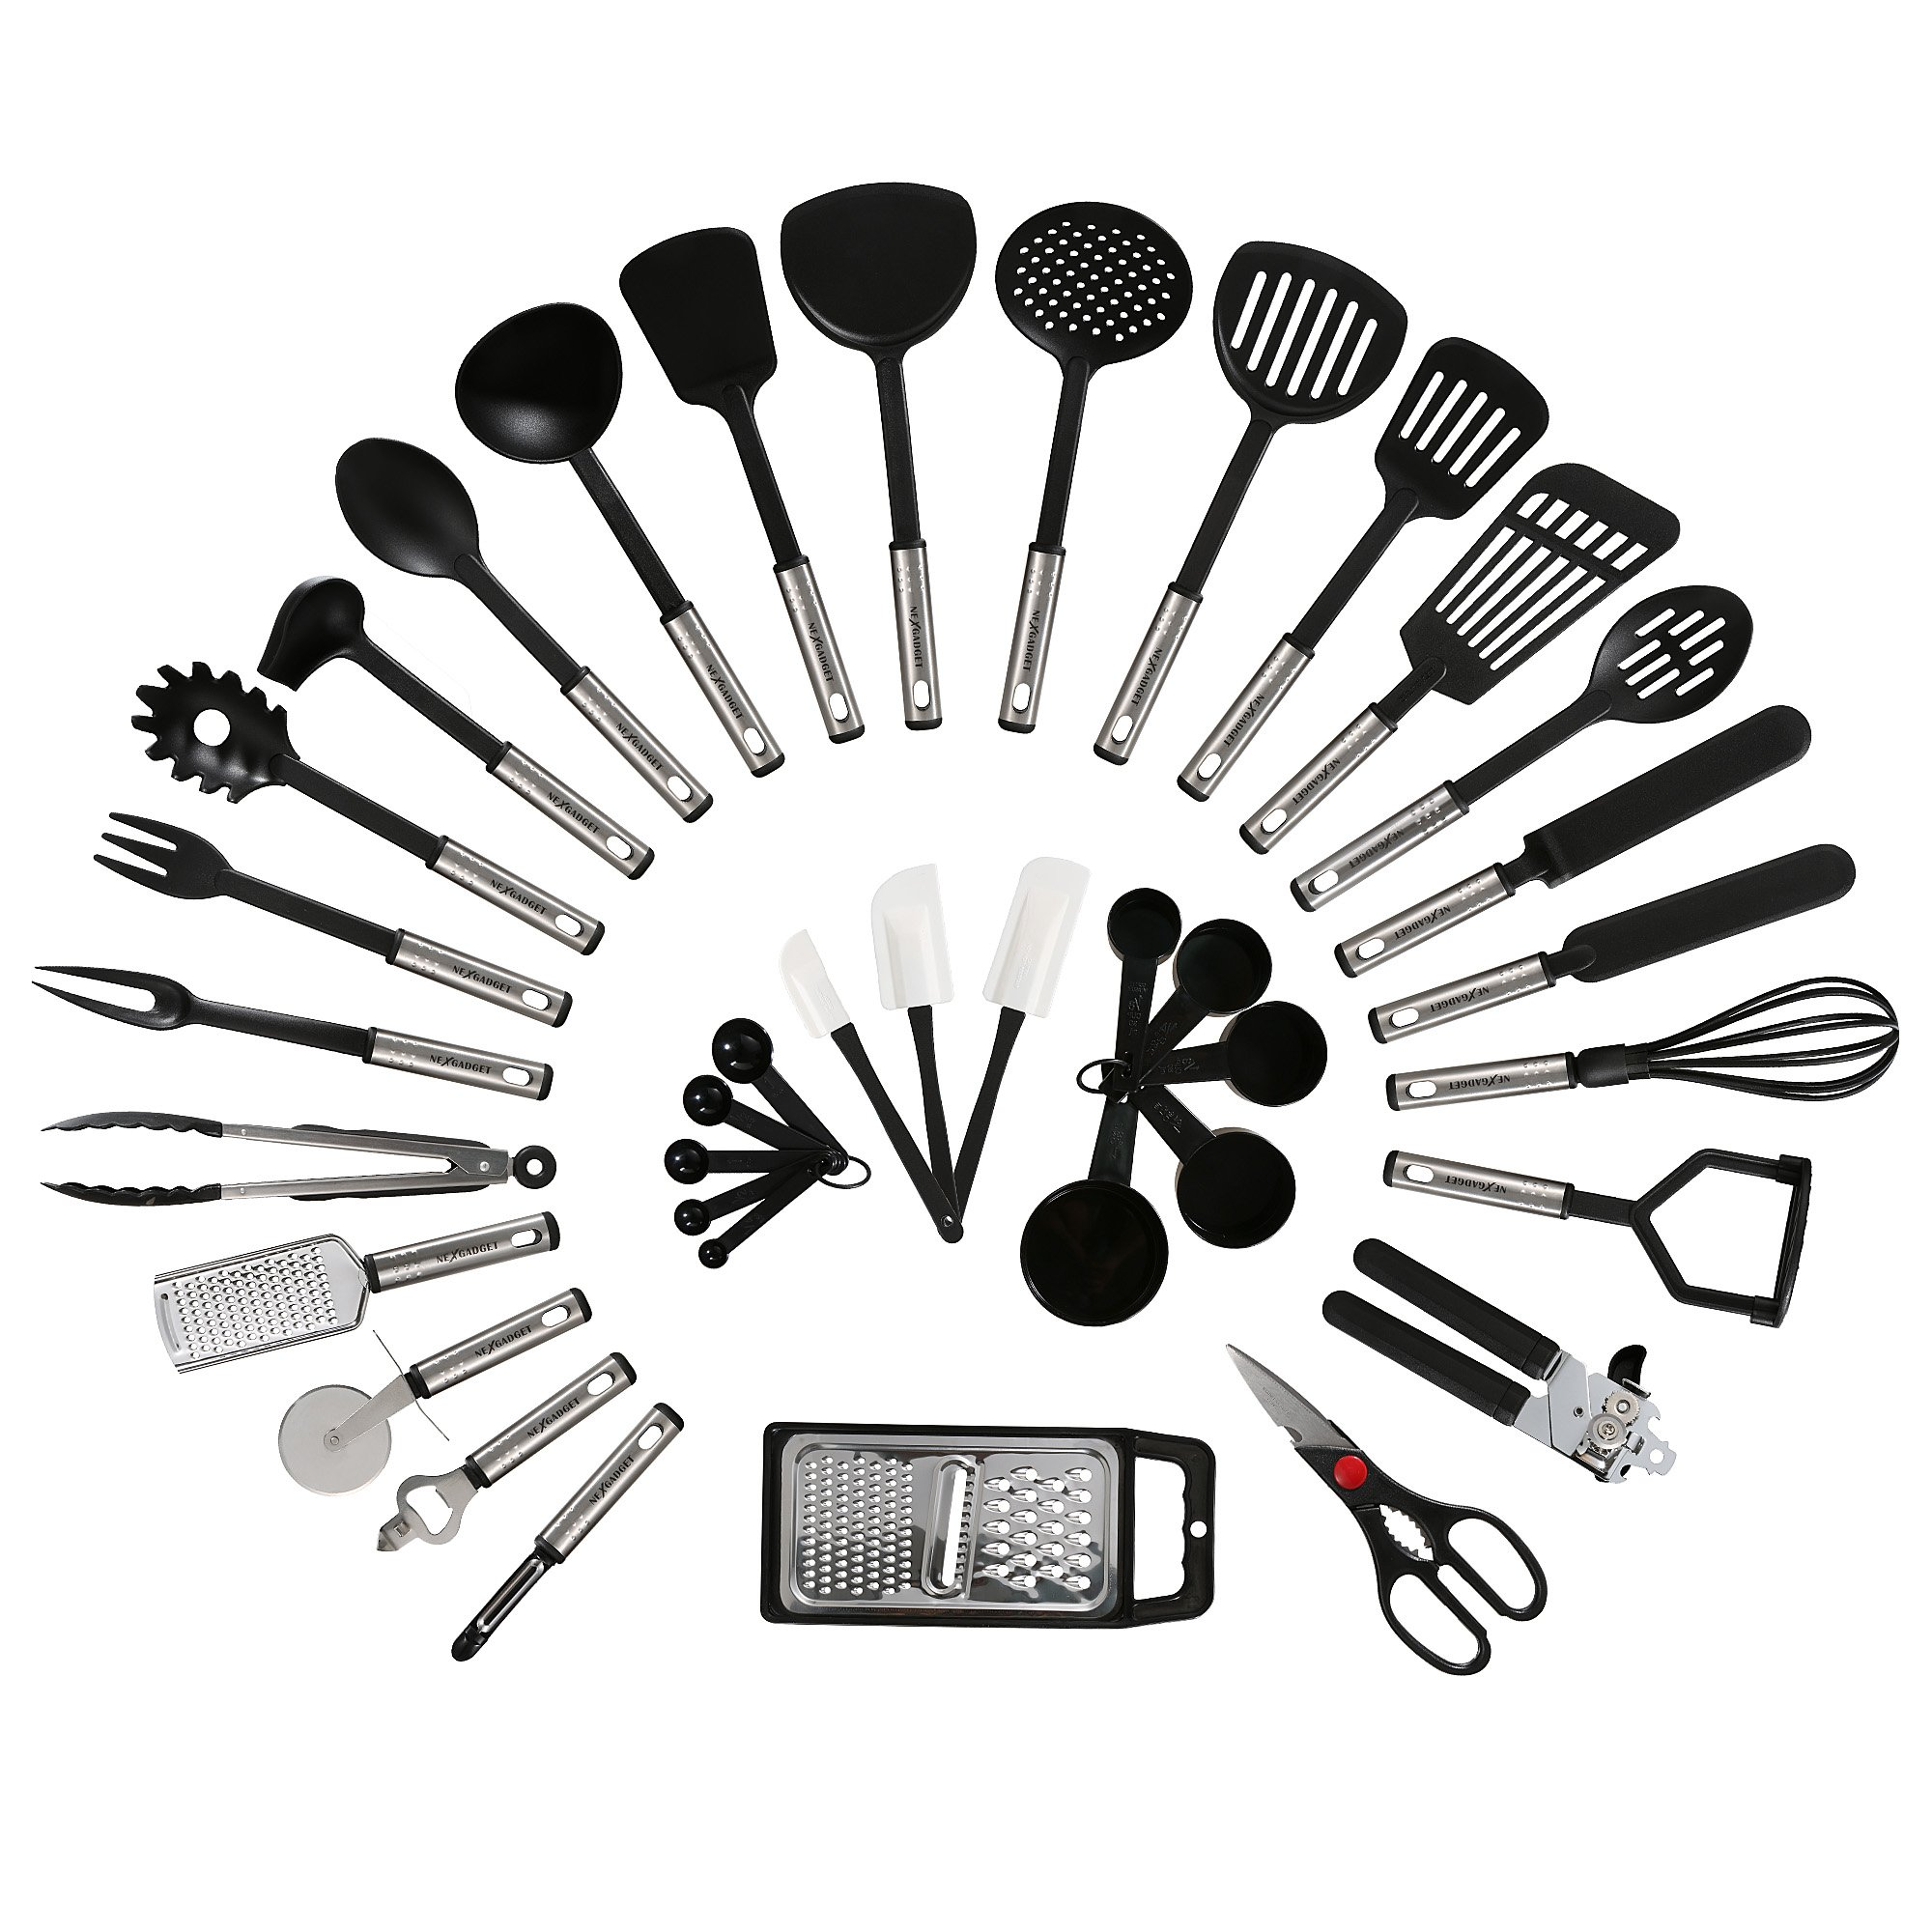 Kitchen Starter Set Ikea: NEXGADGET 38-Piece Premium Cooking Utensils Stainless